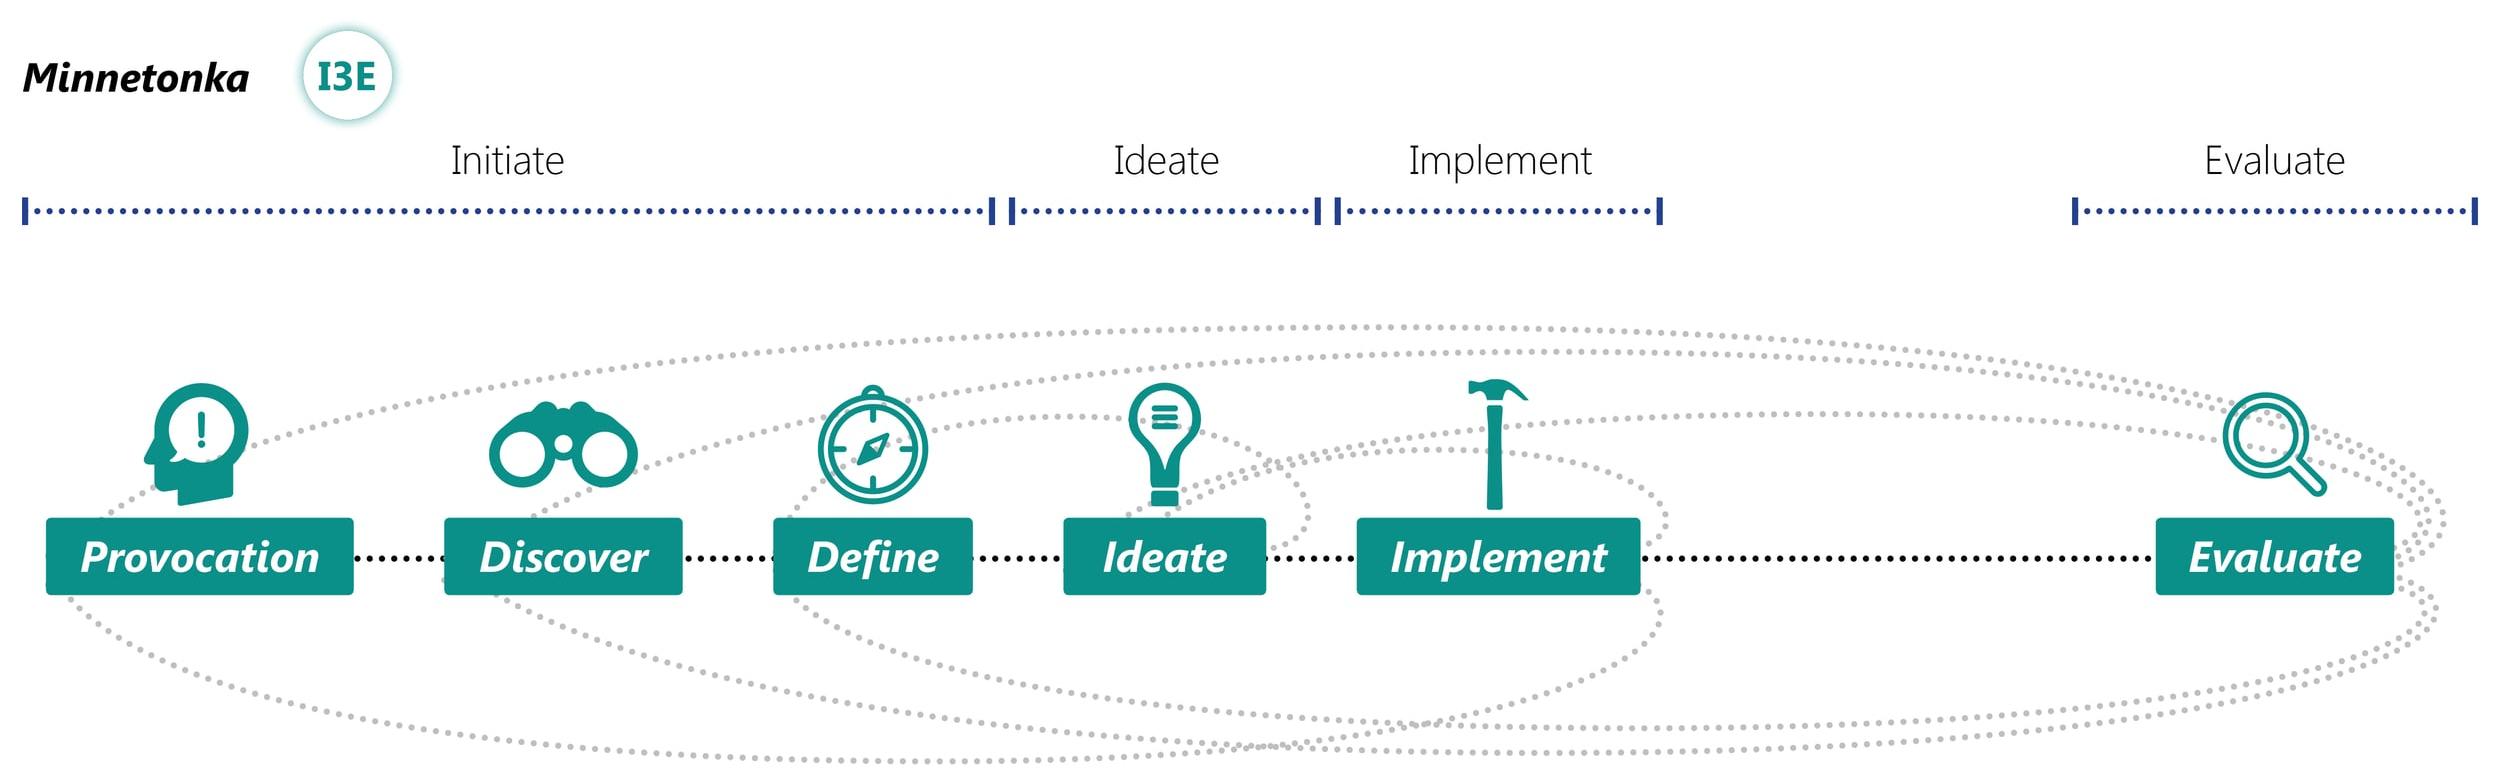 Minnetonka D4L_Design Process